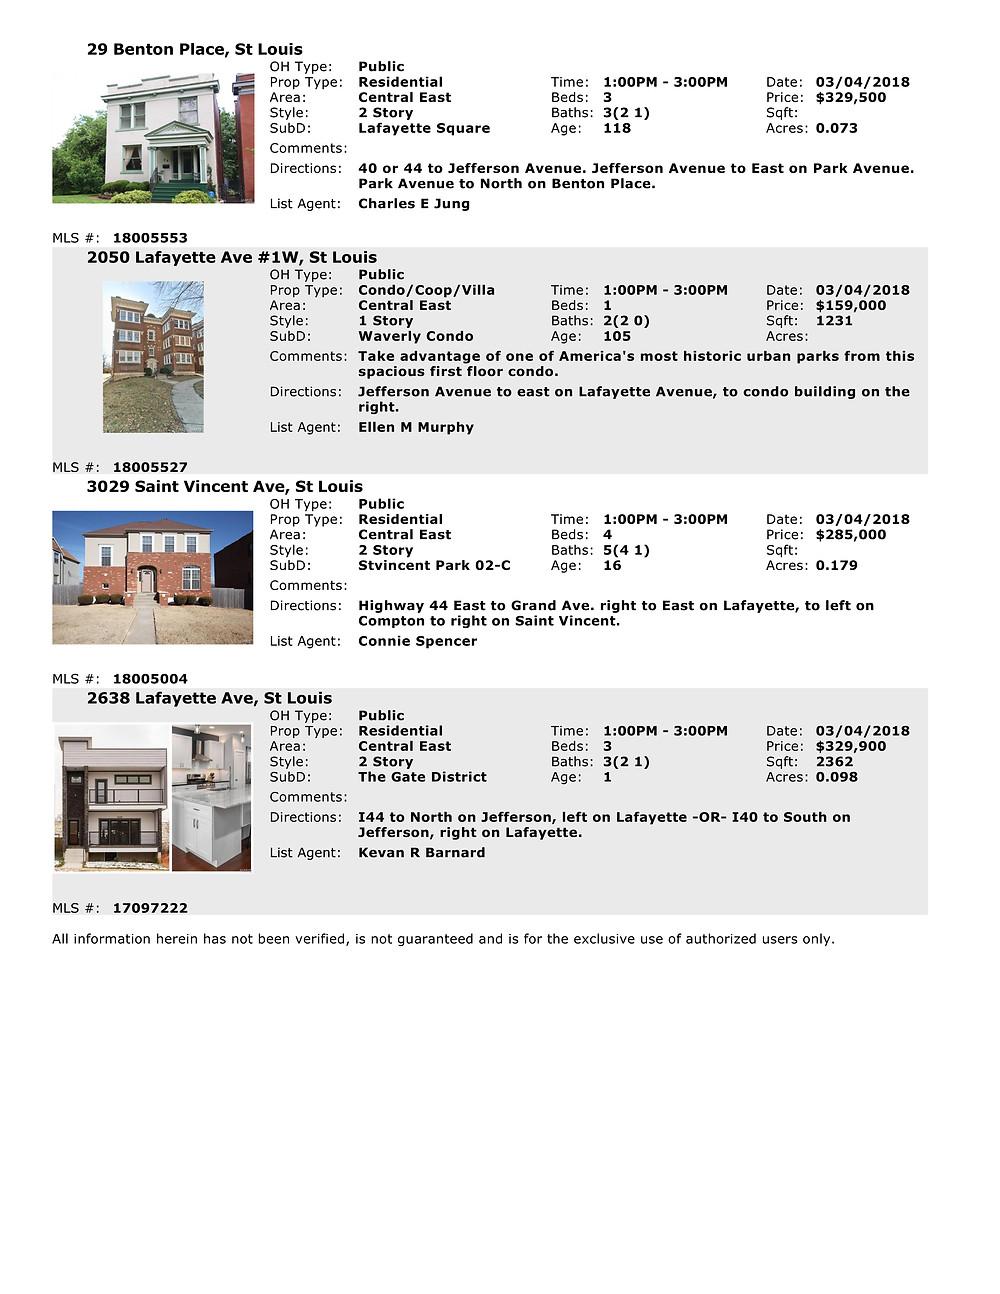 Open Houses in St Louis 63104 on 3.14.18 www.stlouisliving.info